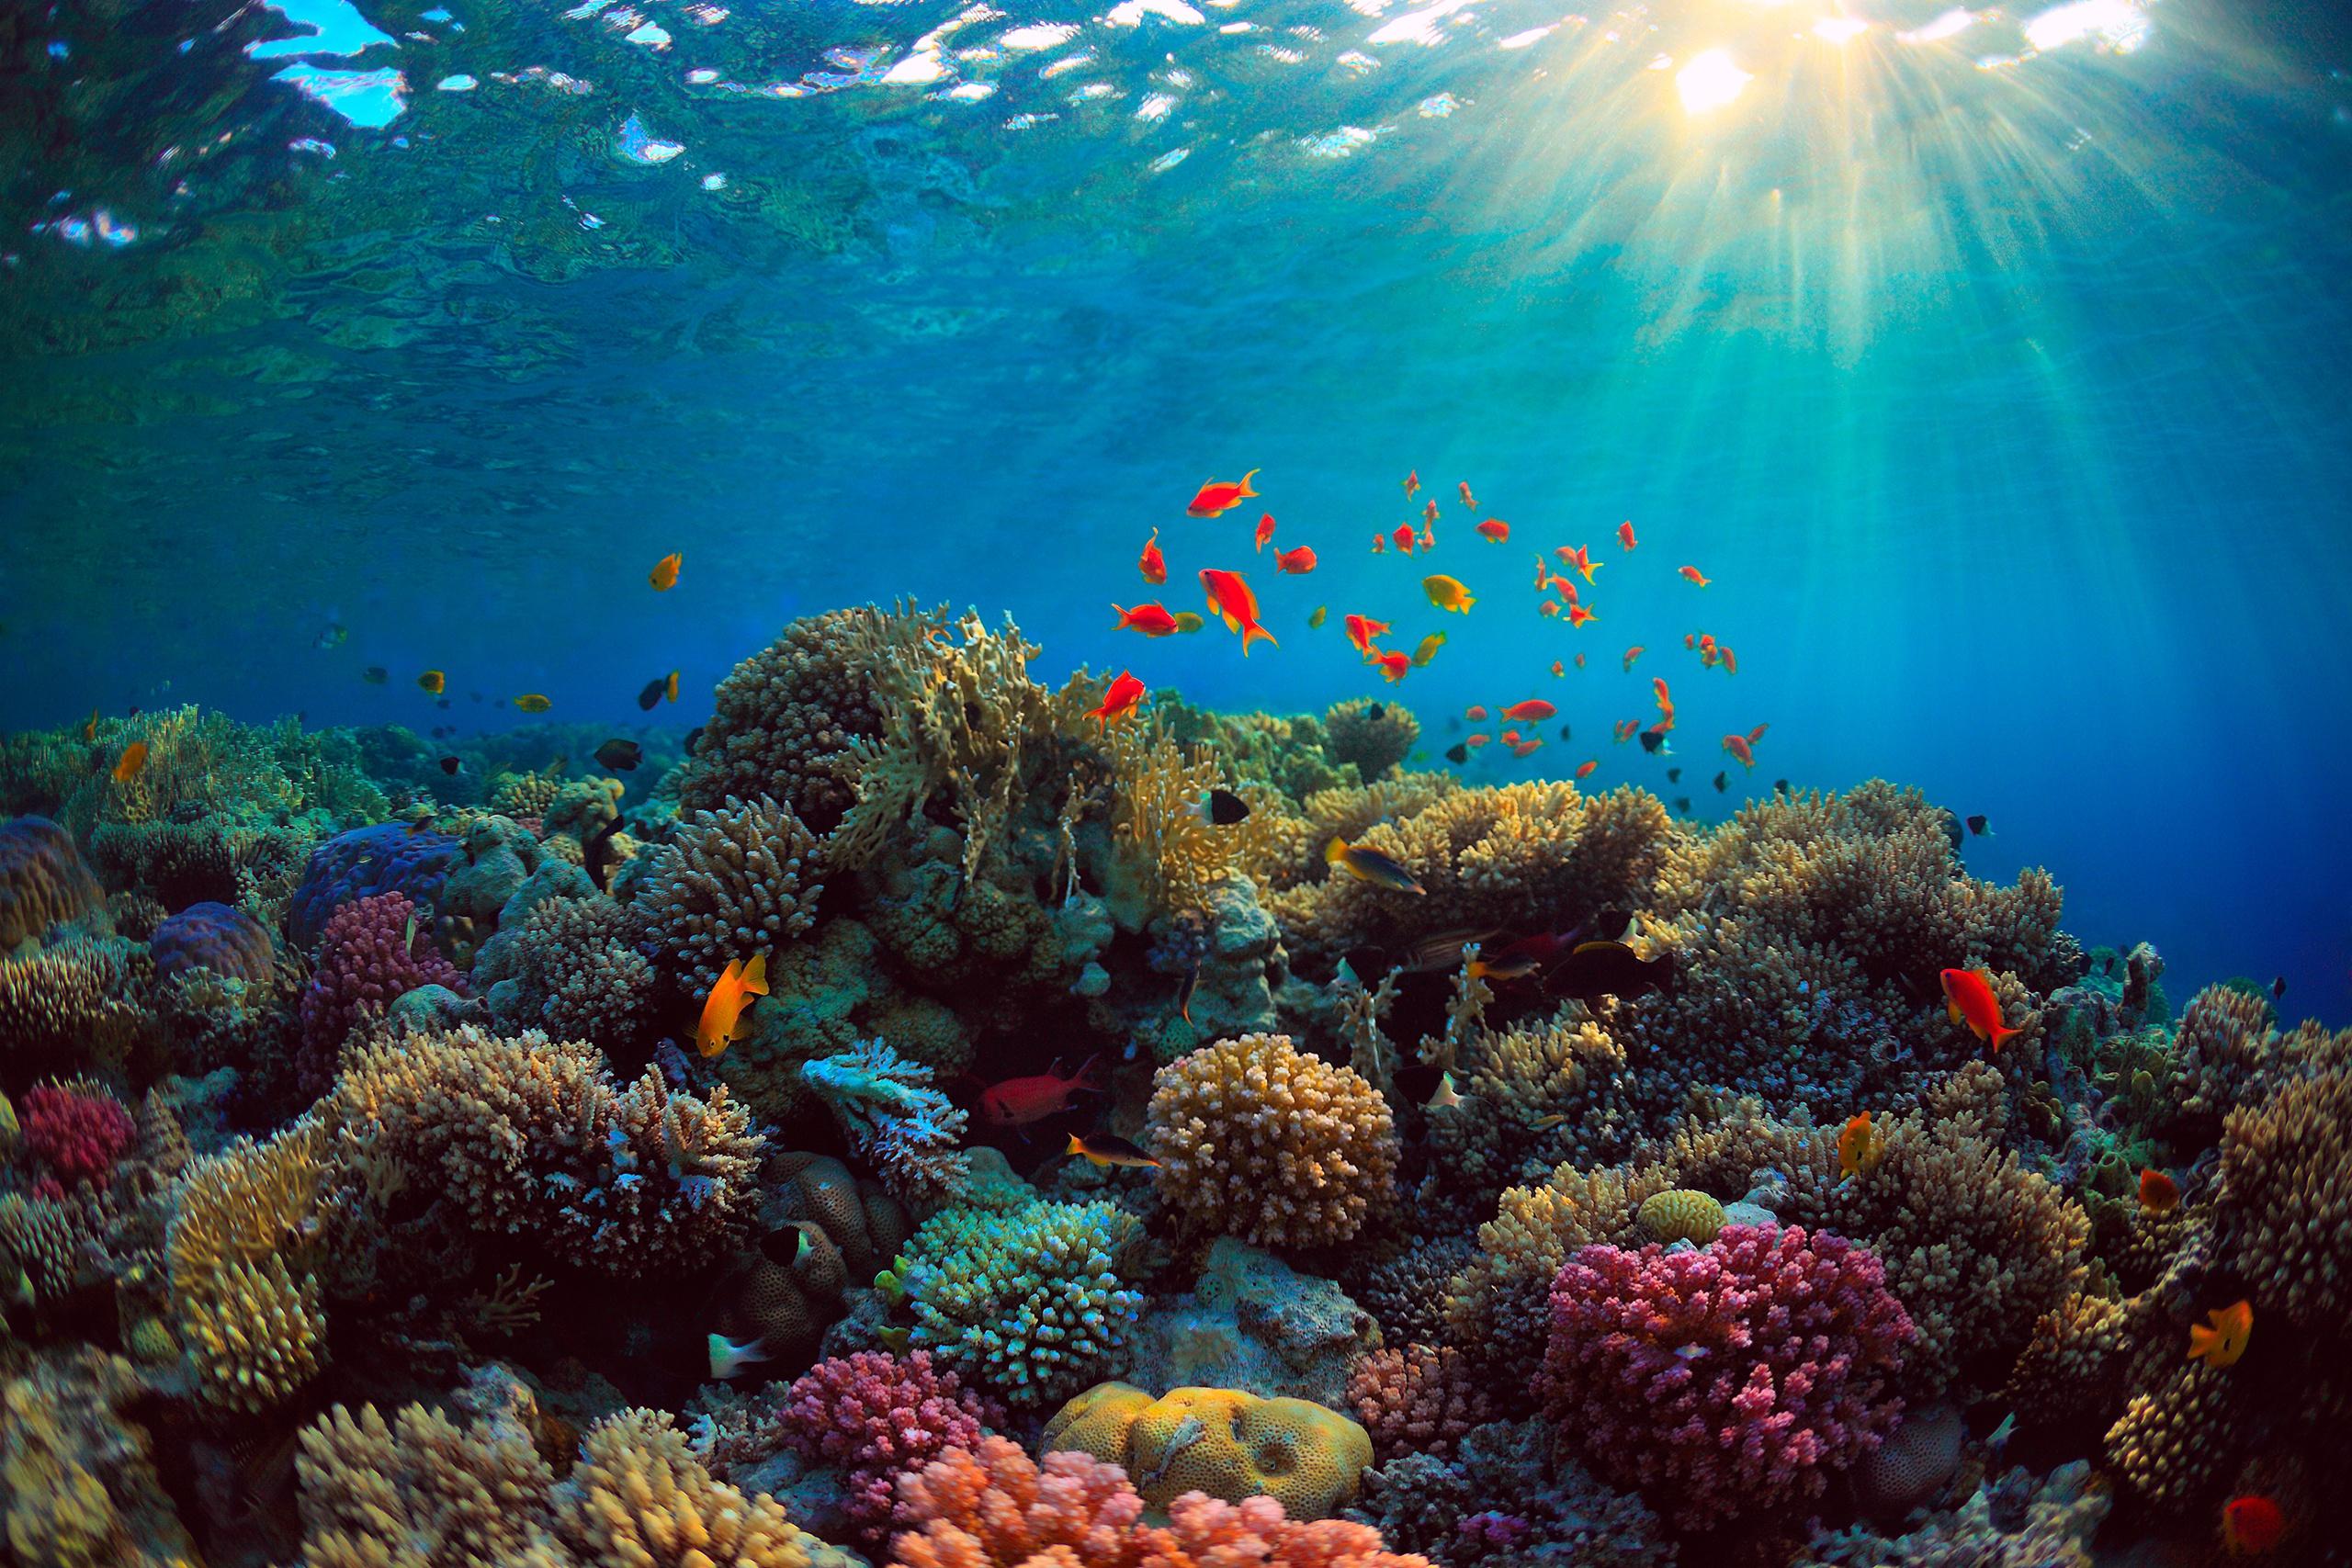 солнце всегда картинки жизнь в морях и океанах разоблачающие фотографии